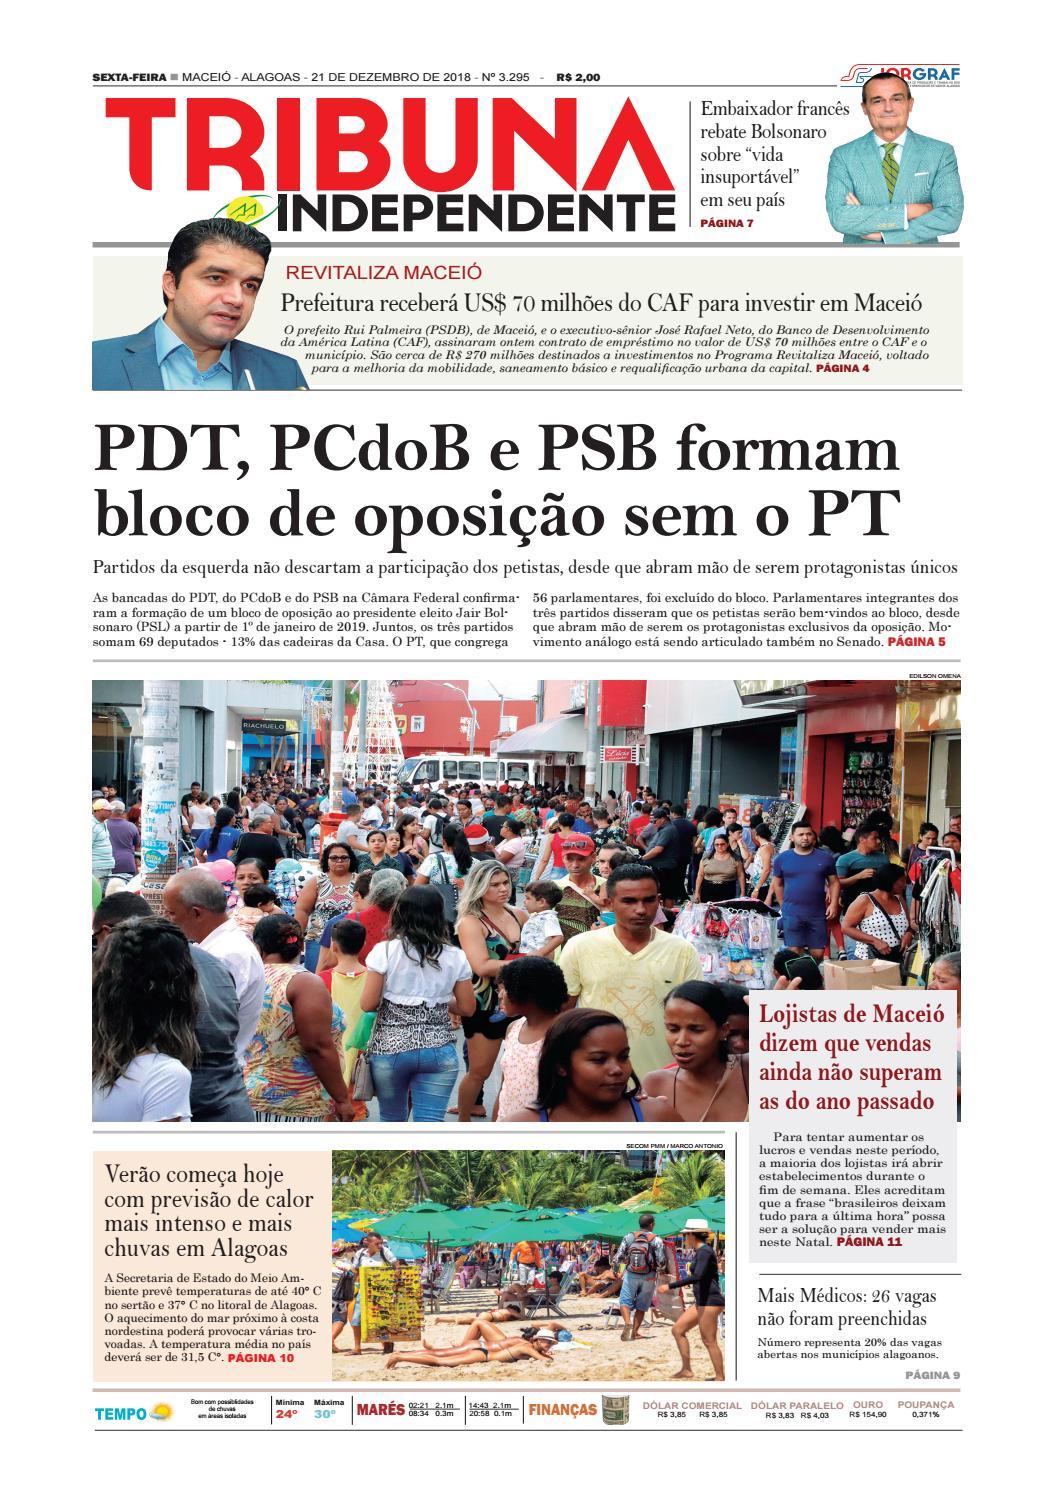 Edição número 3295 - 21 de dezembro de 2018 by Tribuna Hoje - issuu fce7475fb84a2